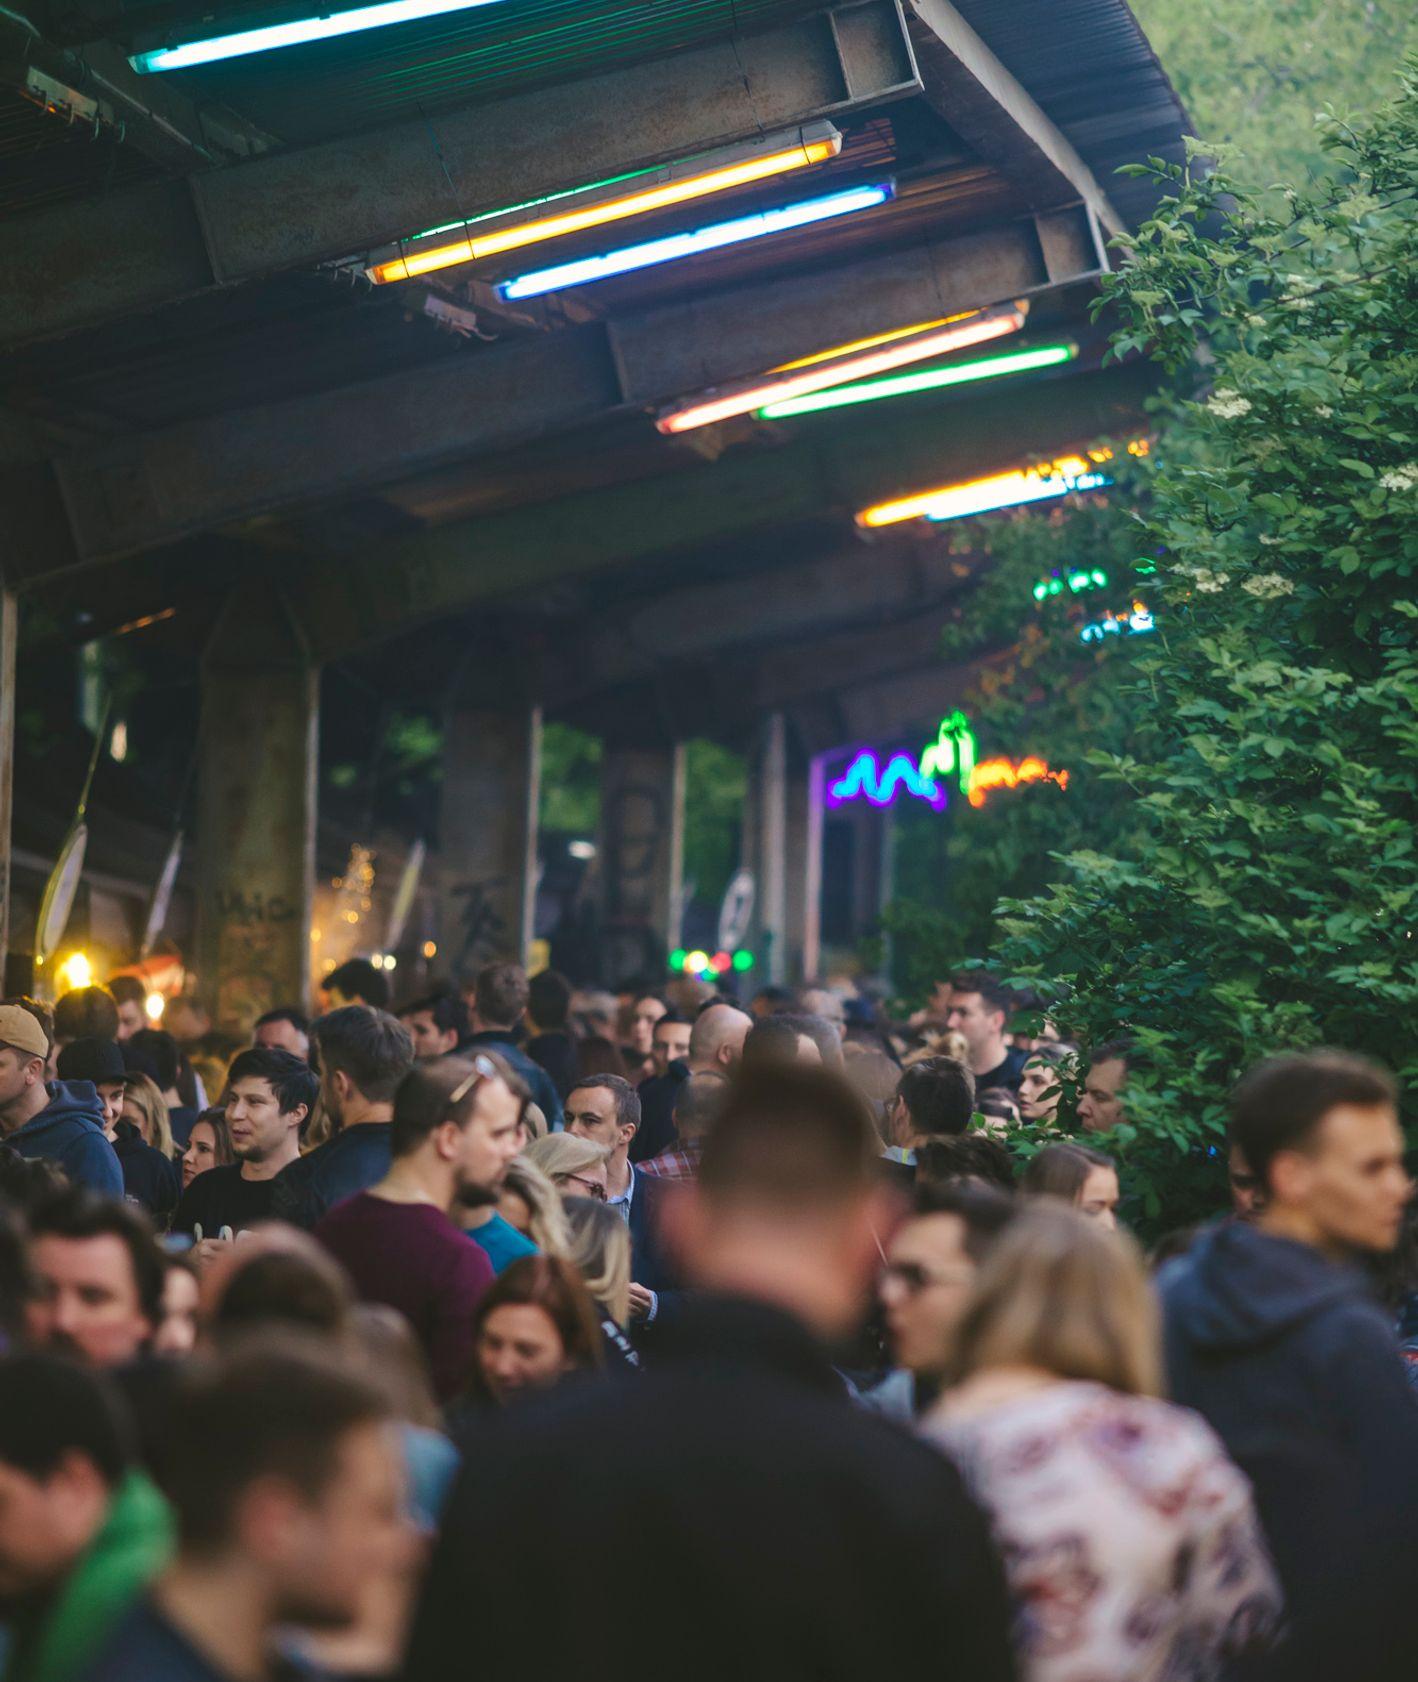 Warszawa Główna, na której odbywa się Nocny Market, tłum ludzi